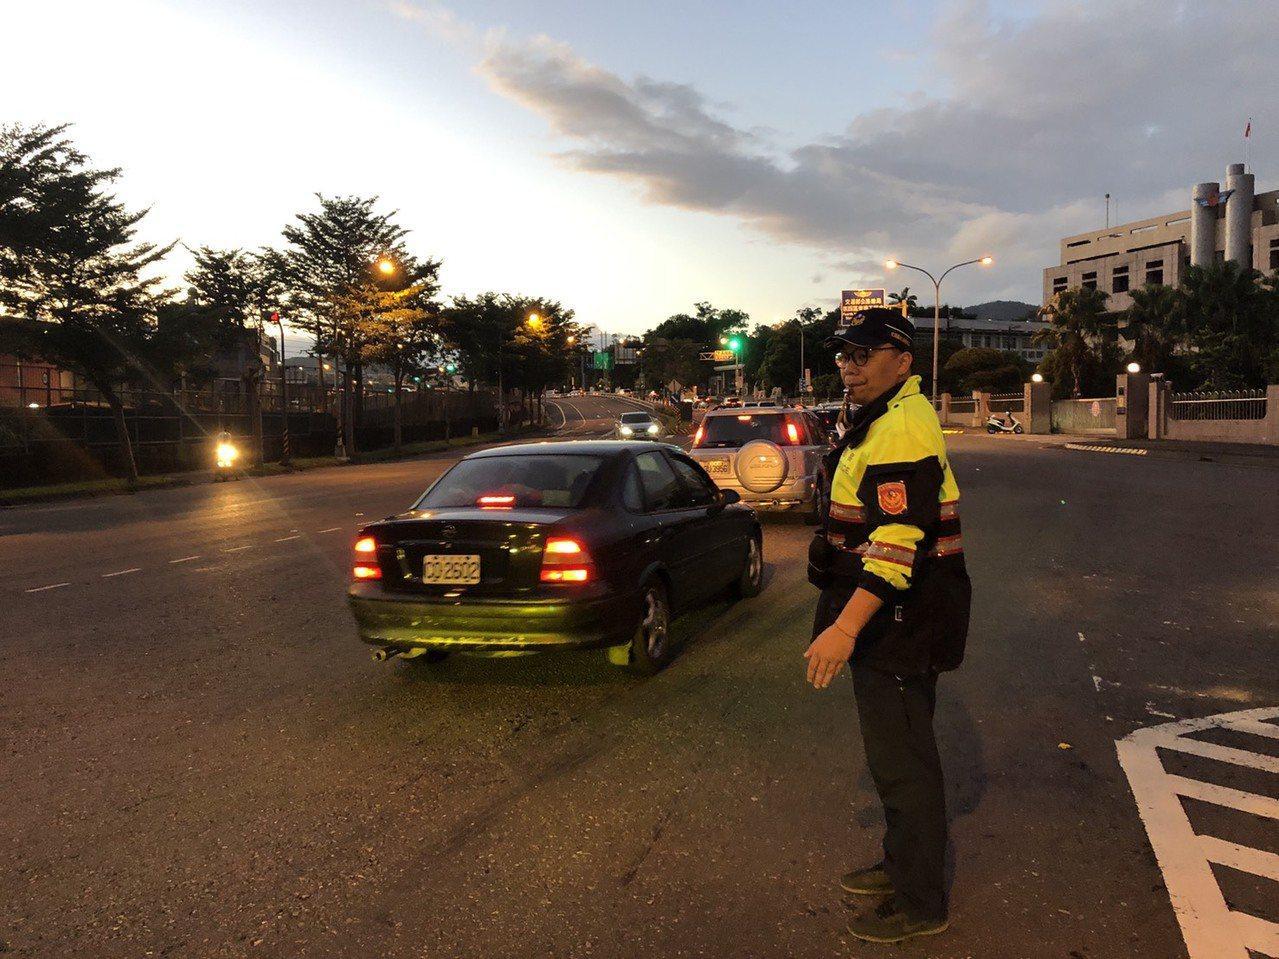 天氣晴朗,出遊人多,今天清晨5時起南下車潮湧現,宜蘭員警一早辛苦執勤,在各路重要...